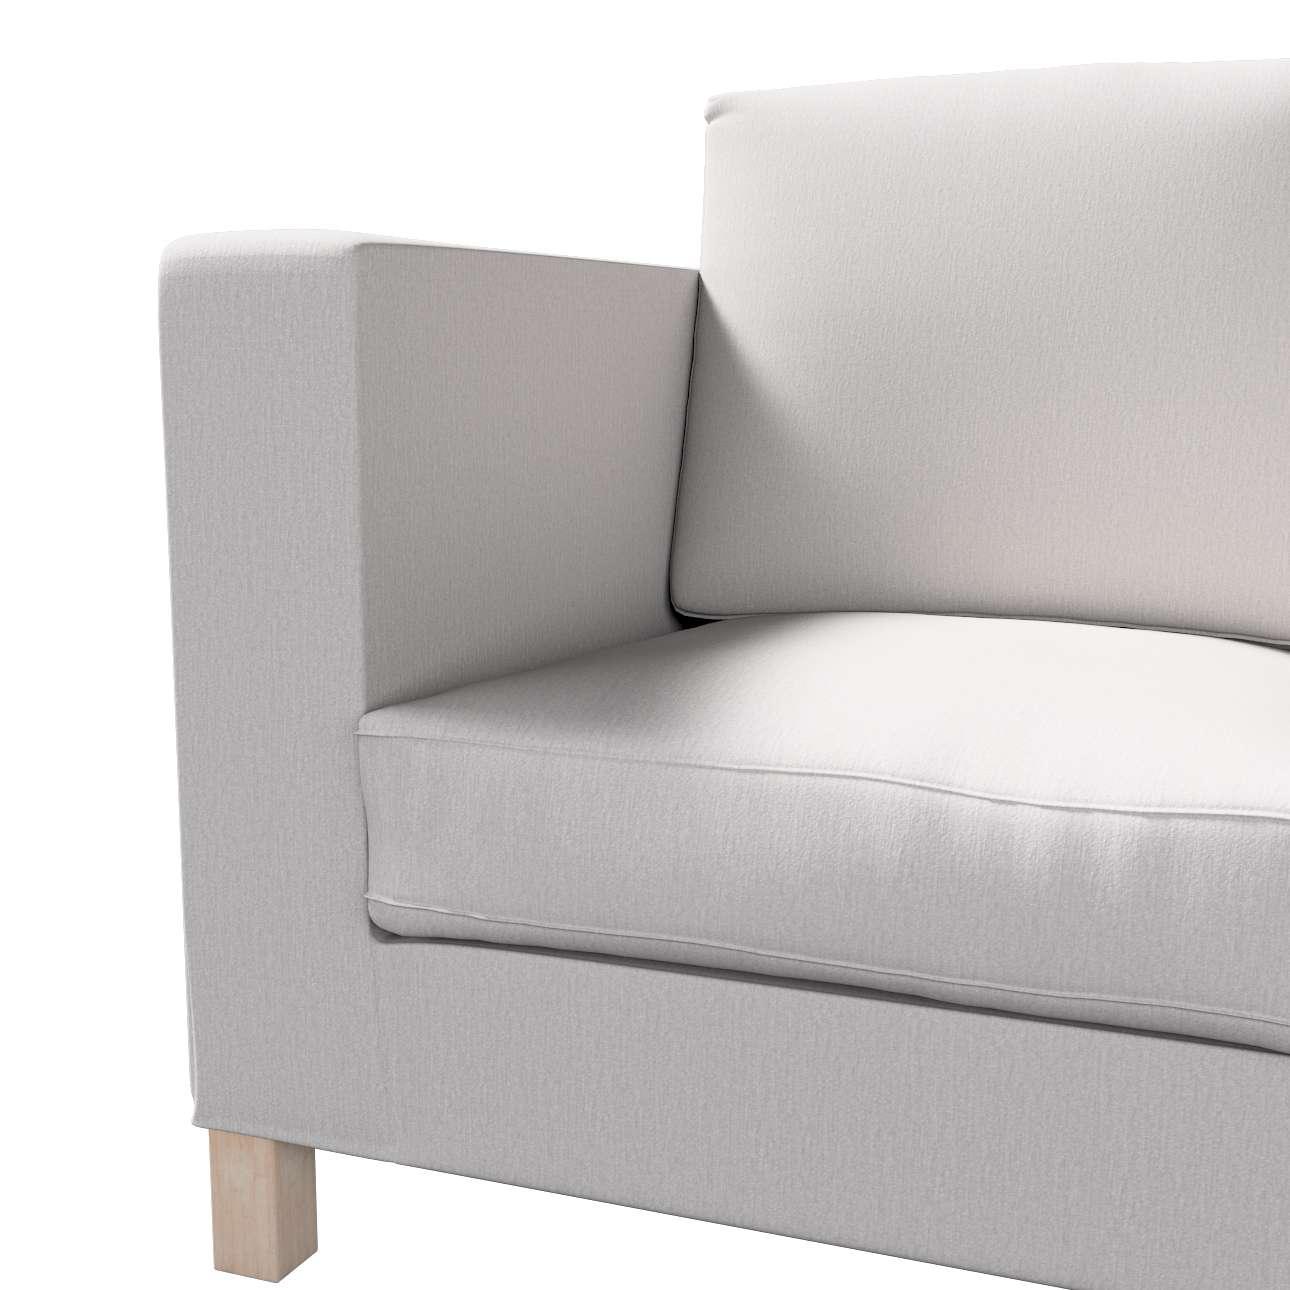 Pokrowiec na sofę Karlanda 3-osobową nierozkładaną, krótki w kolekcji Chenille, tkanina: 702-23